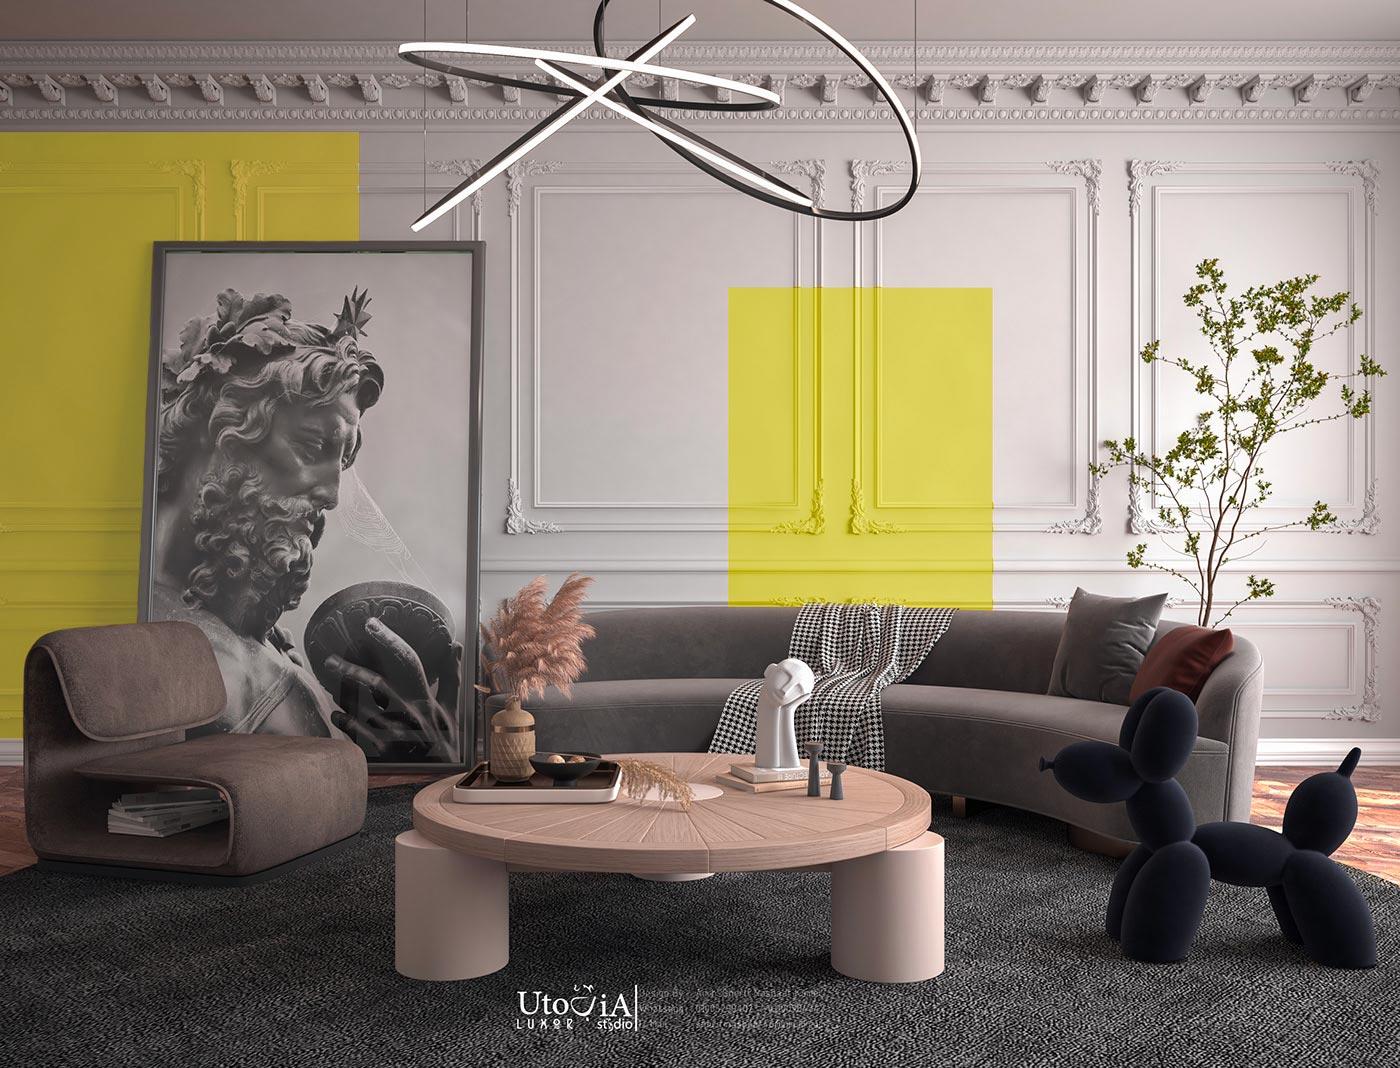 Salon design et contemporain avec des boiseries aux murs et des cadres de peinture jaune illuminating